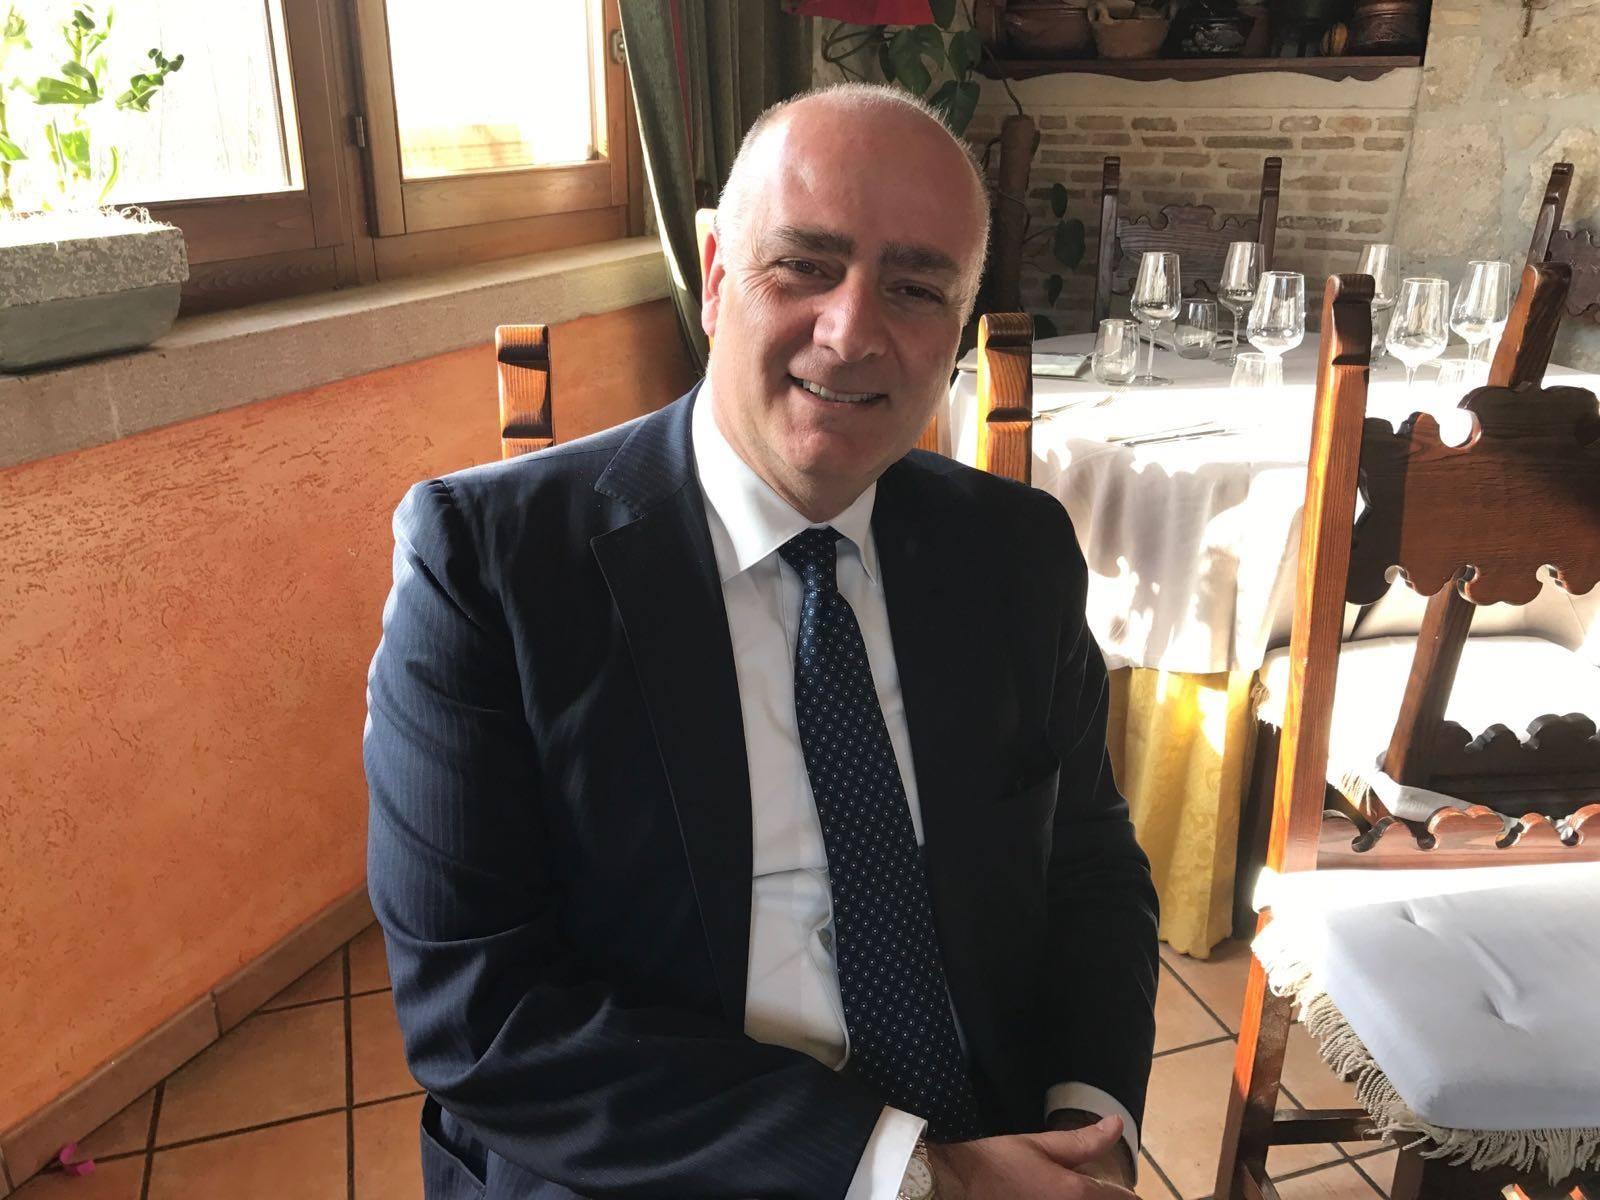 Gli appuntamenti di Gabriele De Angelis previsti per il 2 e 3 giugno